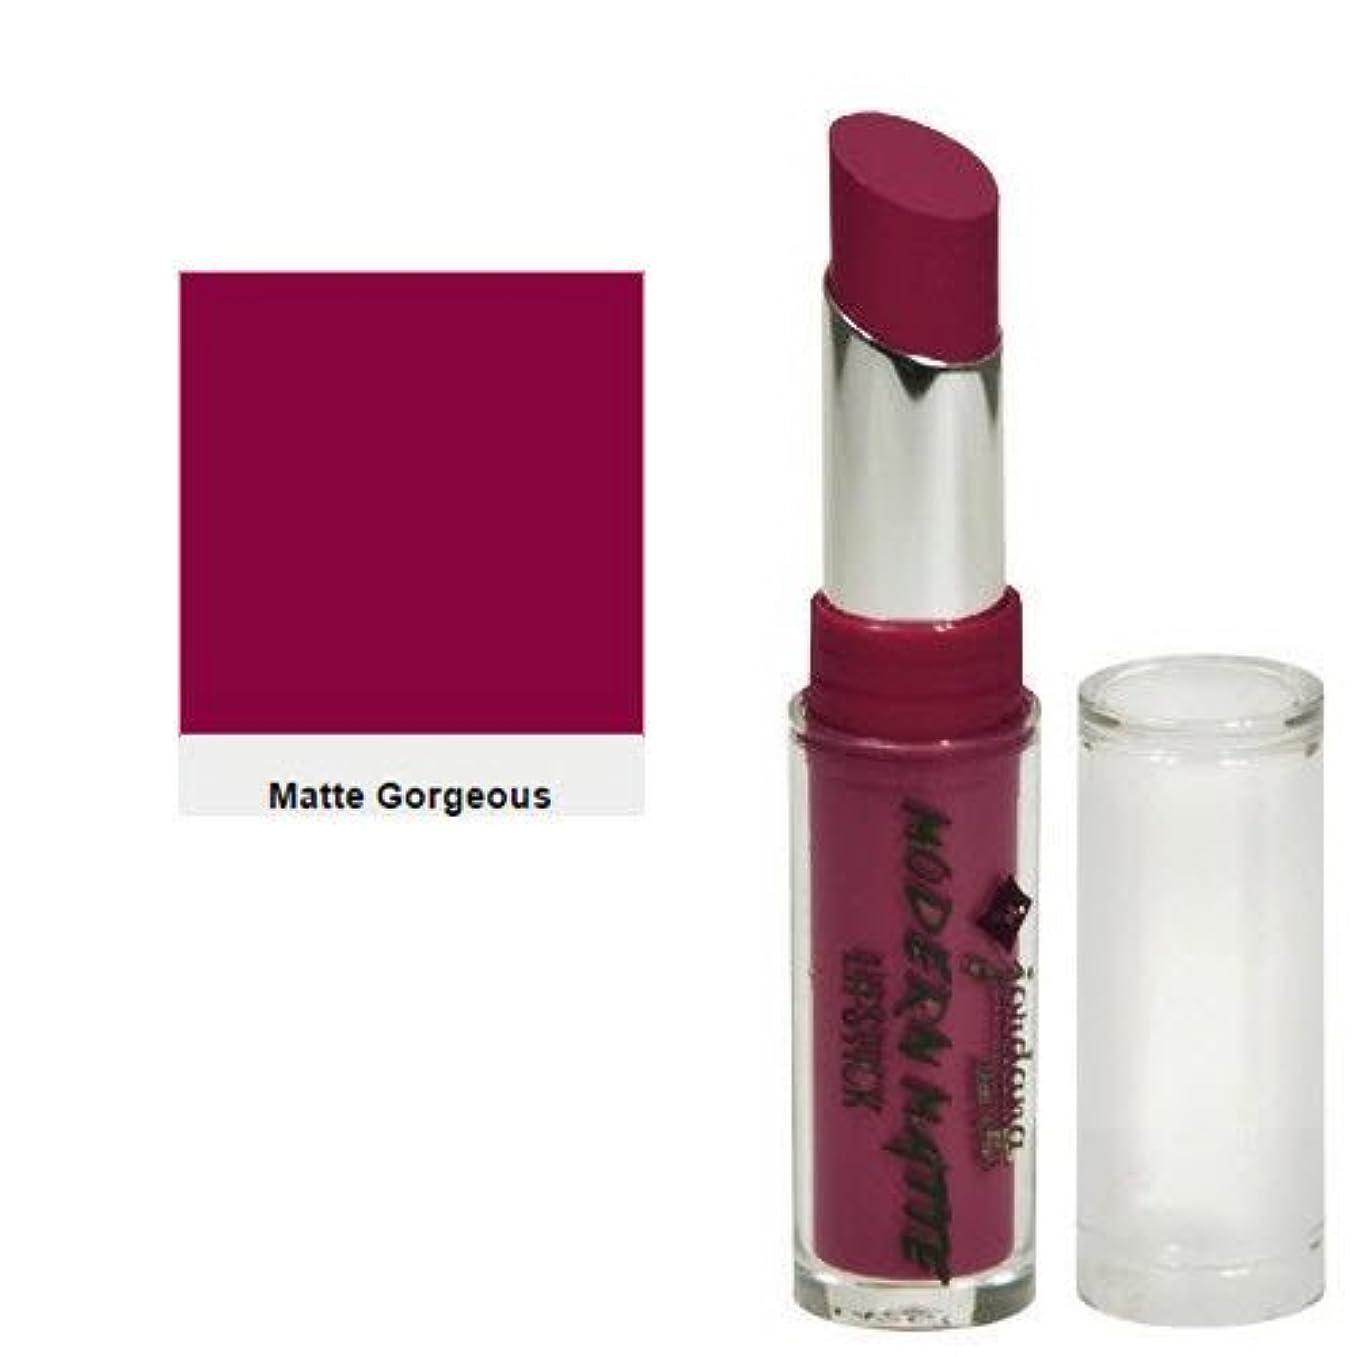 アンティーク膜あからさまJORDANA Modern Matte Lipstick - Matte Gorgeous (並行輸入品)